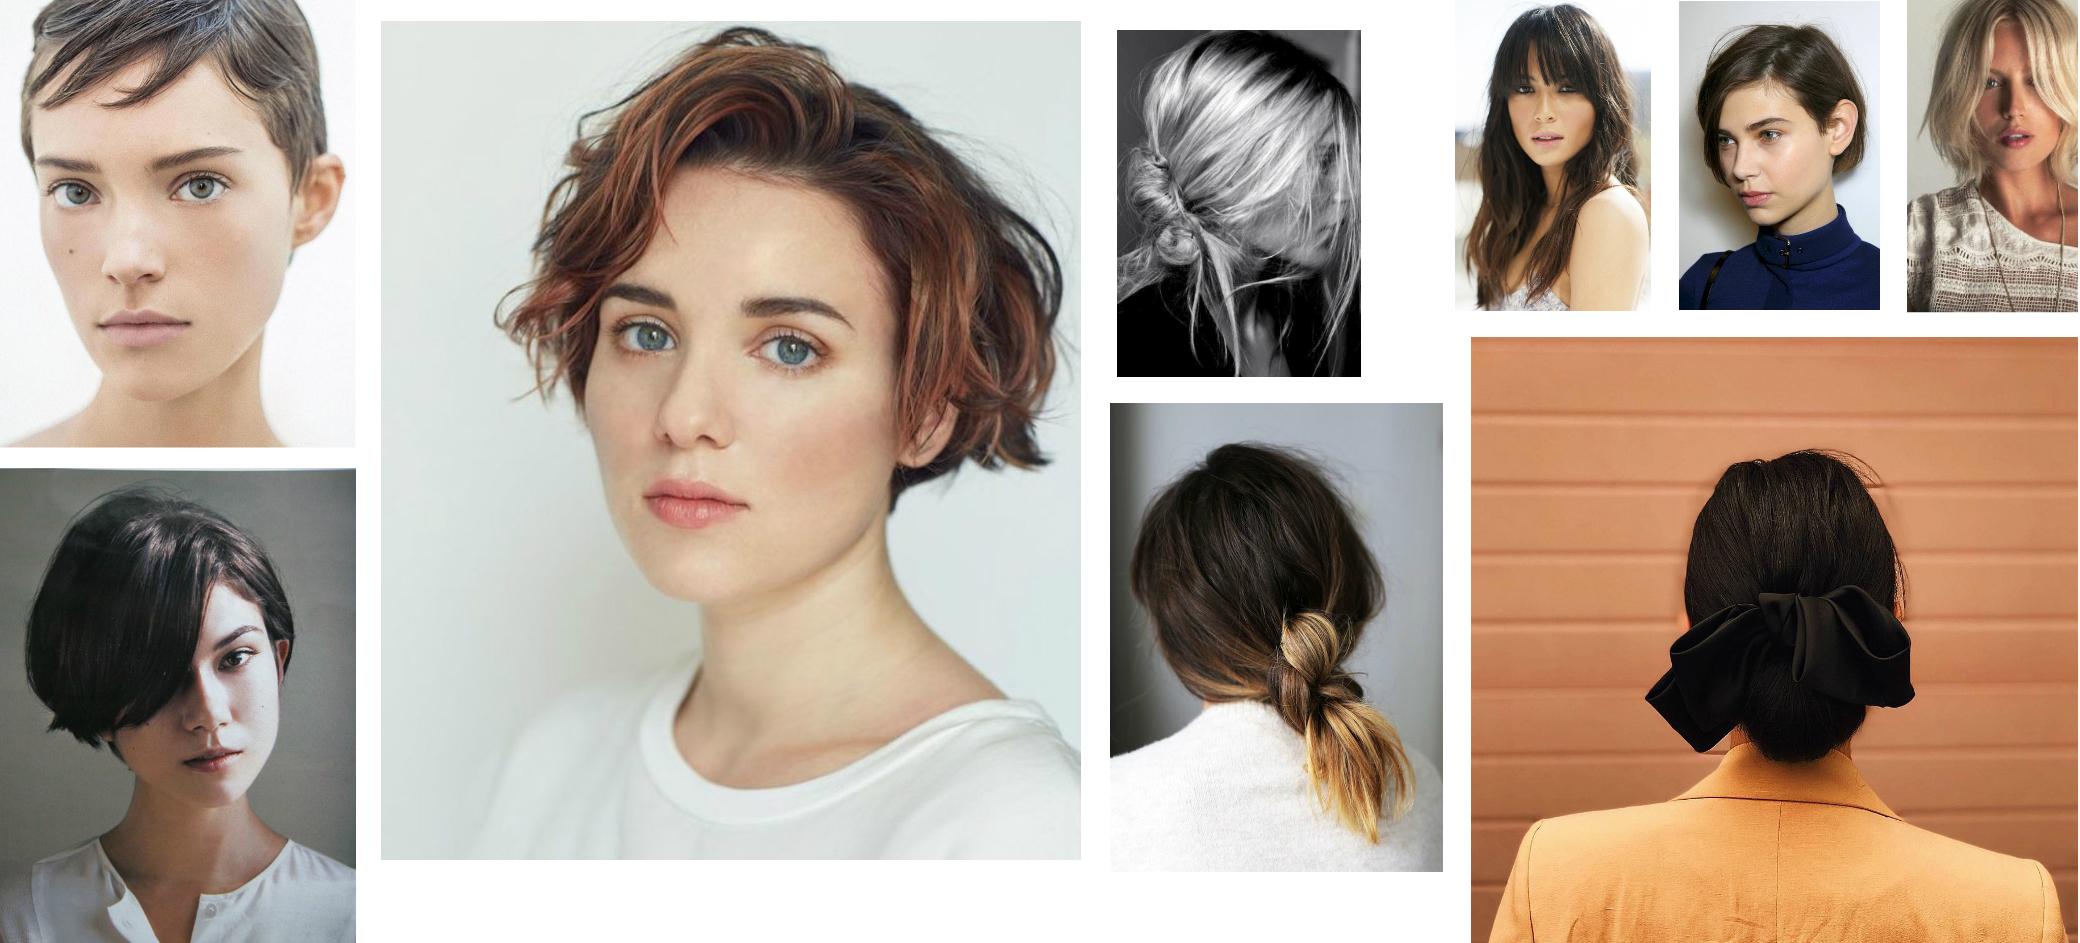 Coupe de cheveux courte pour femme mature